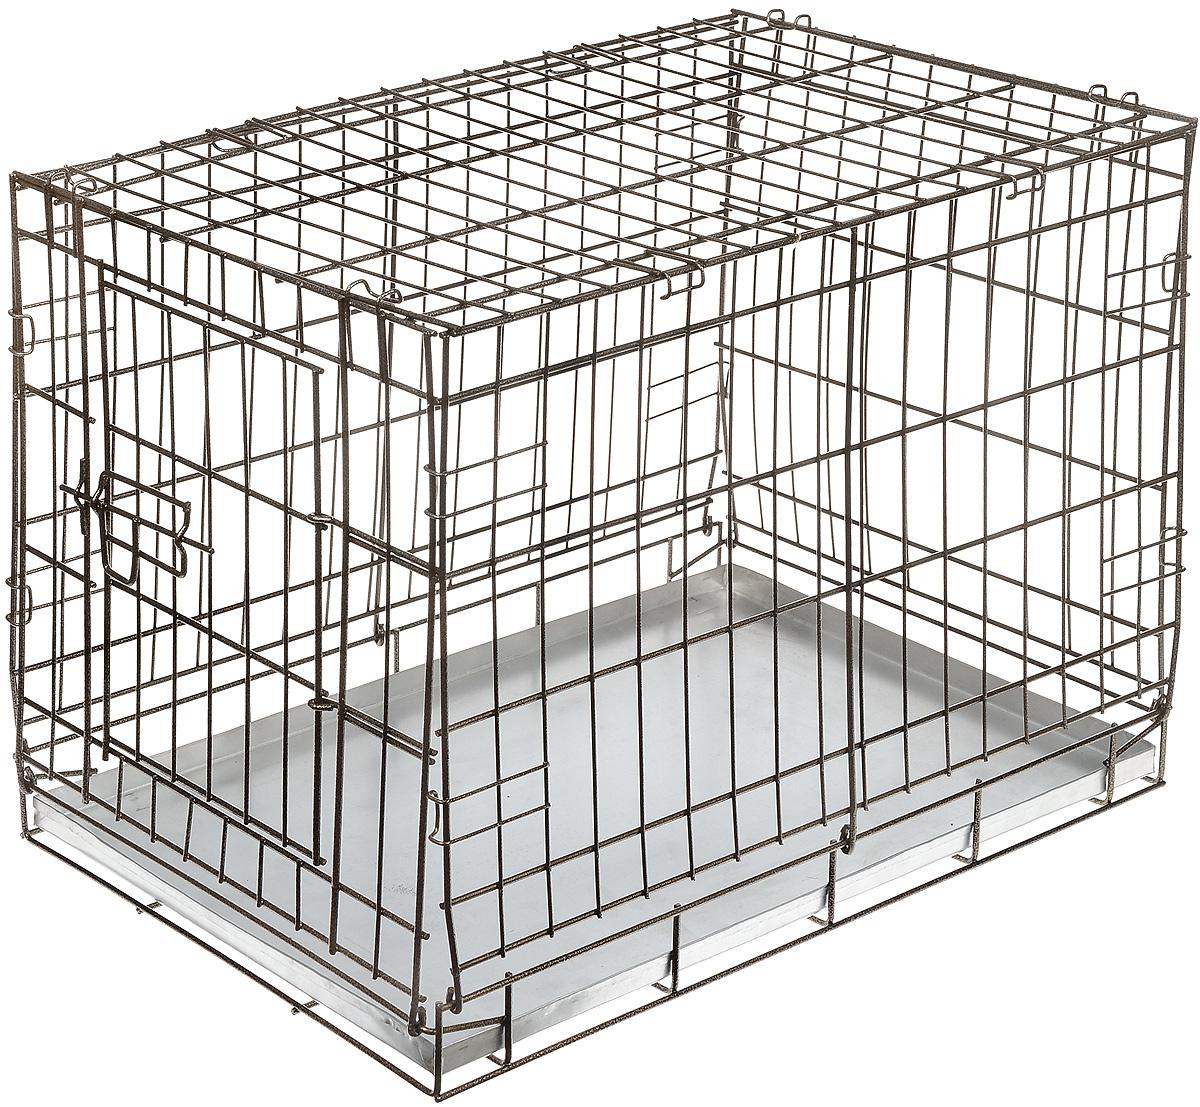 Клетка для собак ЗооМарк, выставочная, 60 х 40 х 45 см, цвет шагрень1004Удобная клетка ЗооМарк предназначена для собак средних пород. Идеально подходит для транспортировки и содержания собак во время проведения выставки. Клетка выполнена из металлической проволоки. Клетка оснащена дверцей, которая надежно закрываются на замки. Прочный жестяной поддон не повреждает поверхность, на которой размещается.